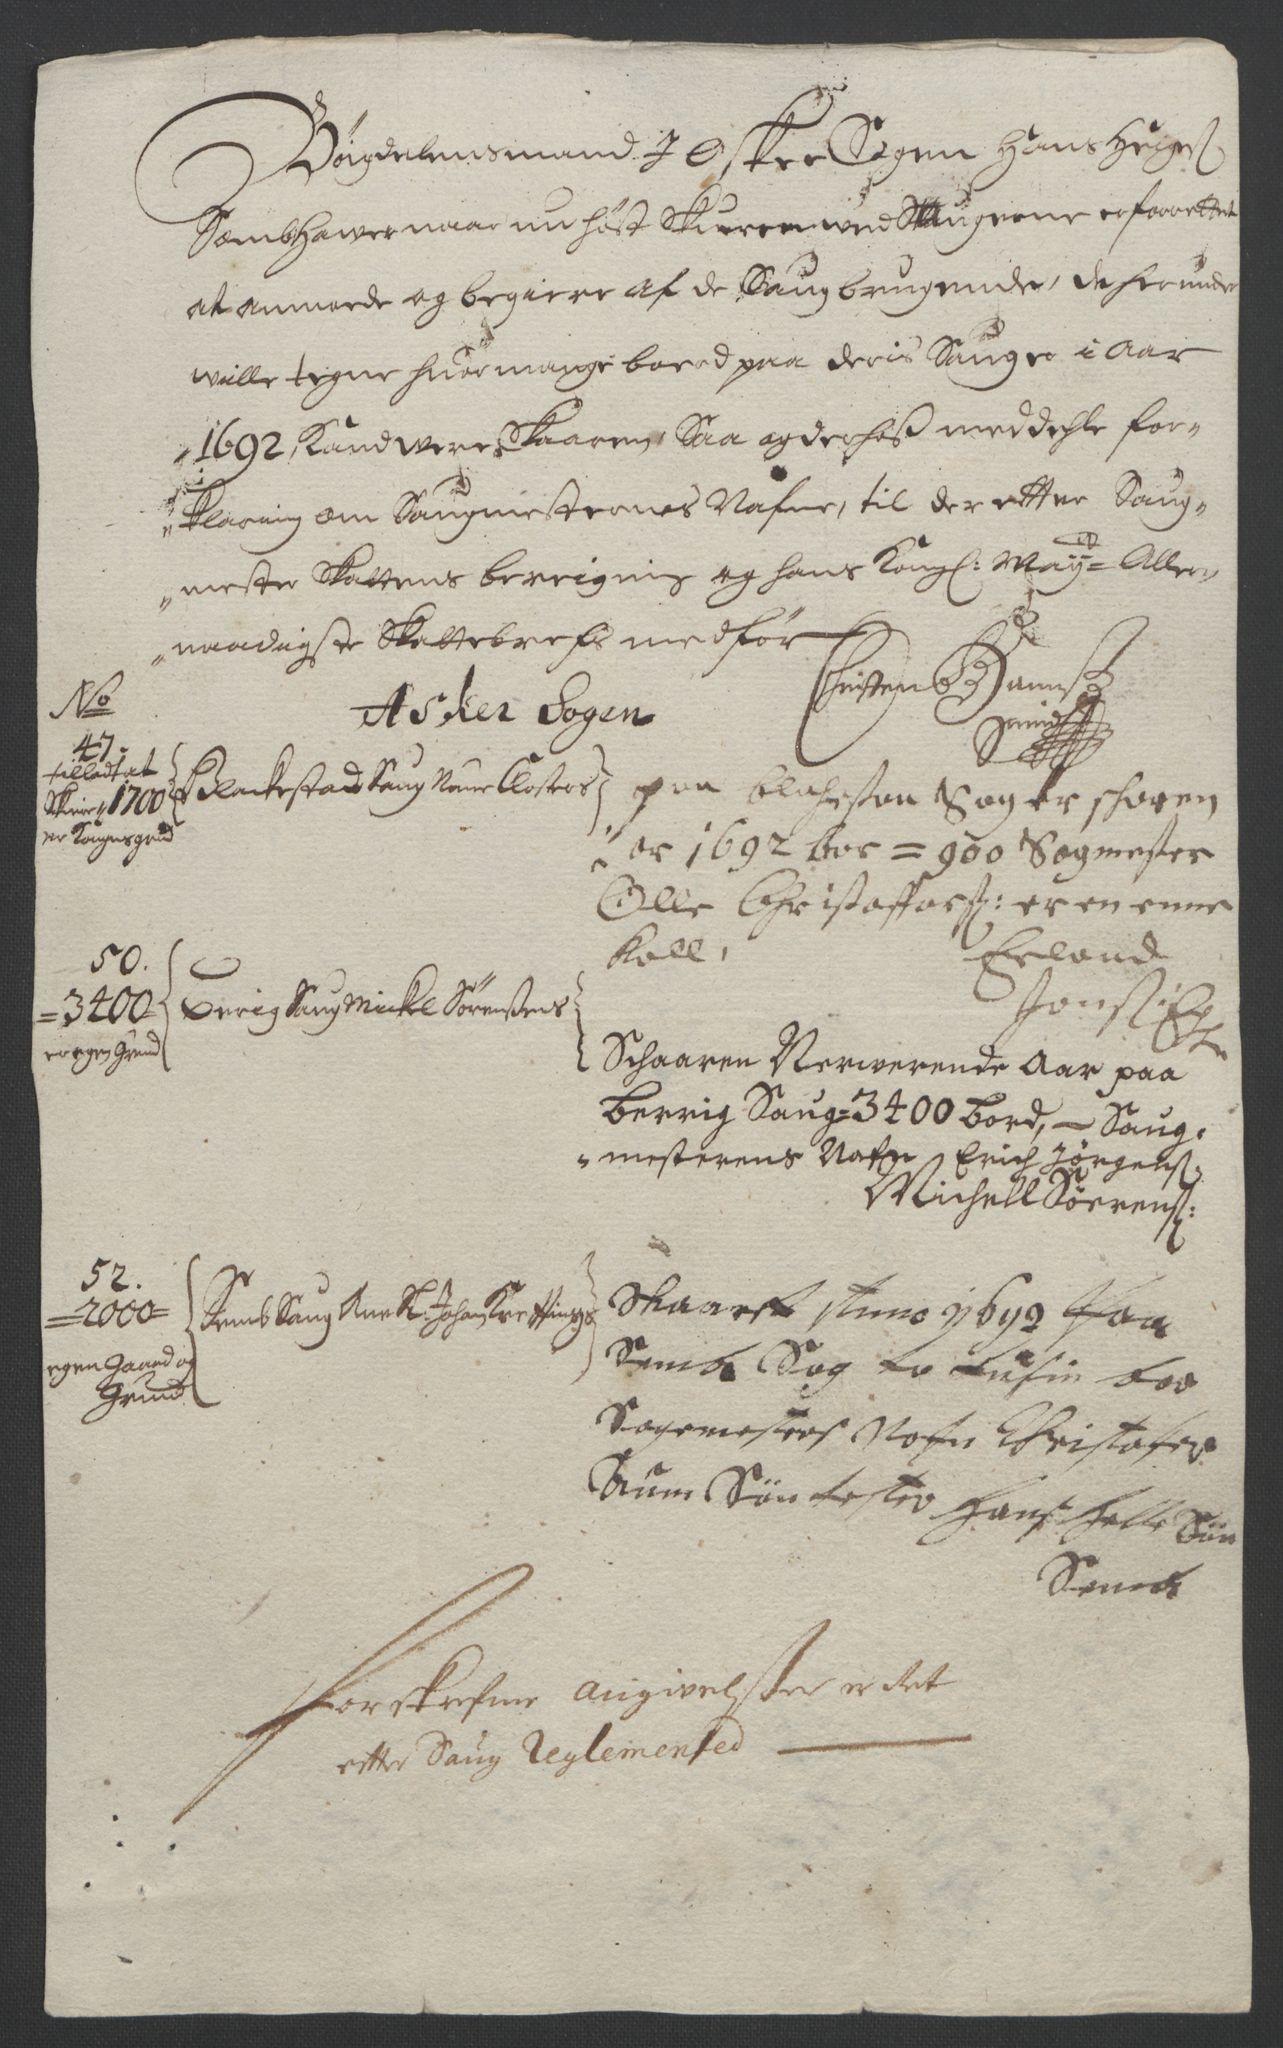 RA, Rentekammeret inntil 1814, Reviderte regnskaper, Fogderegnskap, R08/L0426: Fogderegnskap Aker, 1692-1693, s. 108